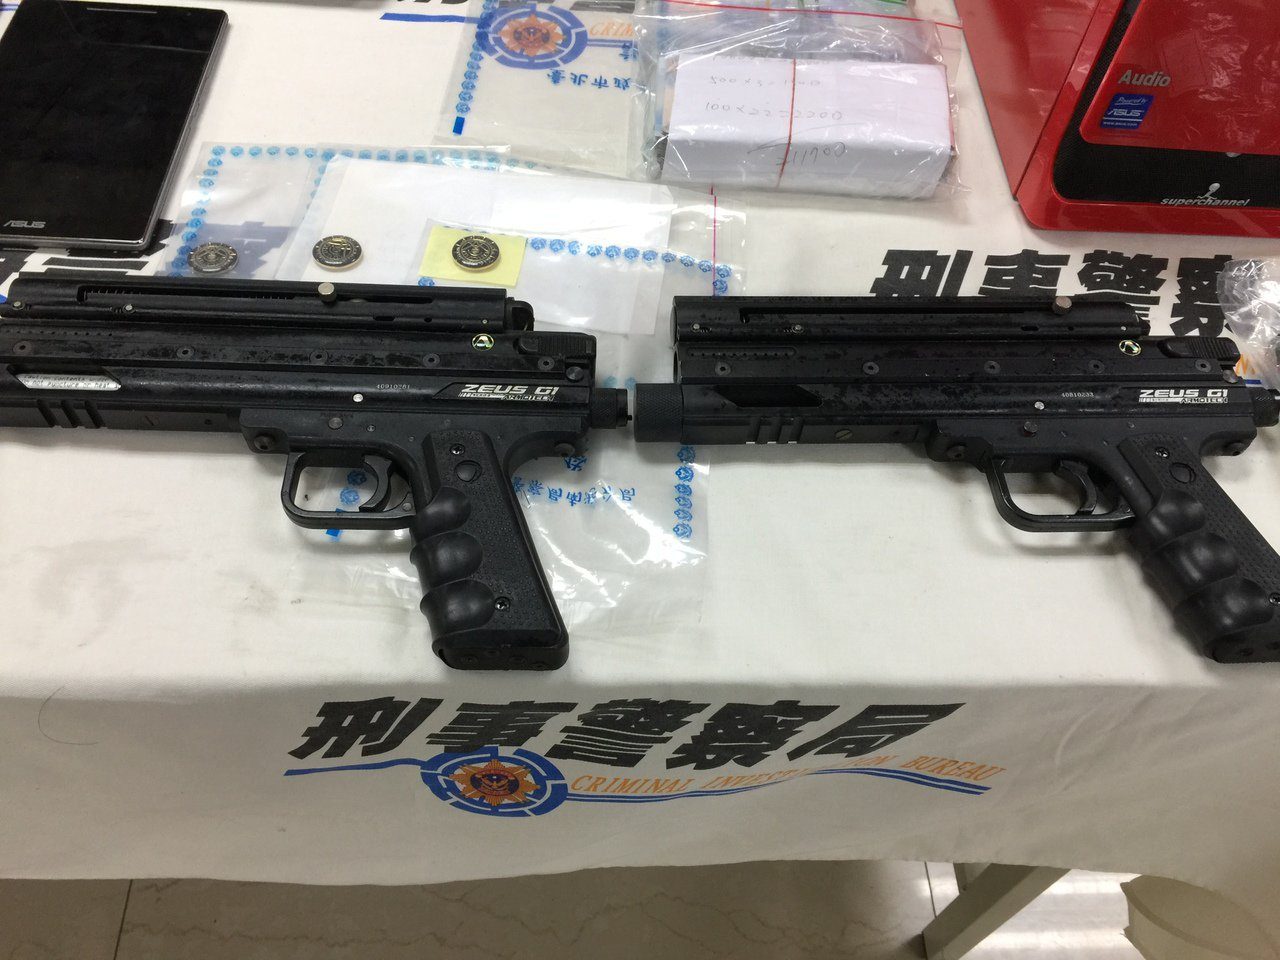 檢警破獲應召站集團,查扣的贓證物中有兩把鎮暴槍。記者陳金松/攝影